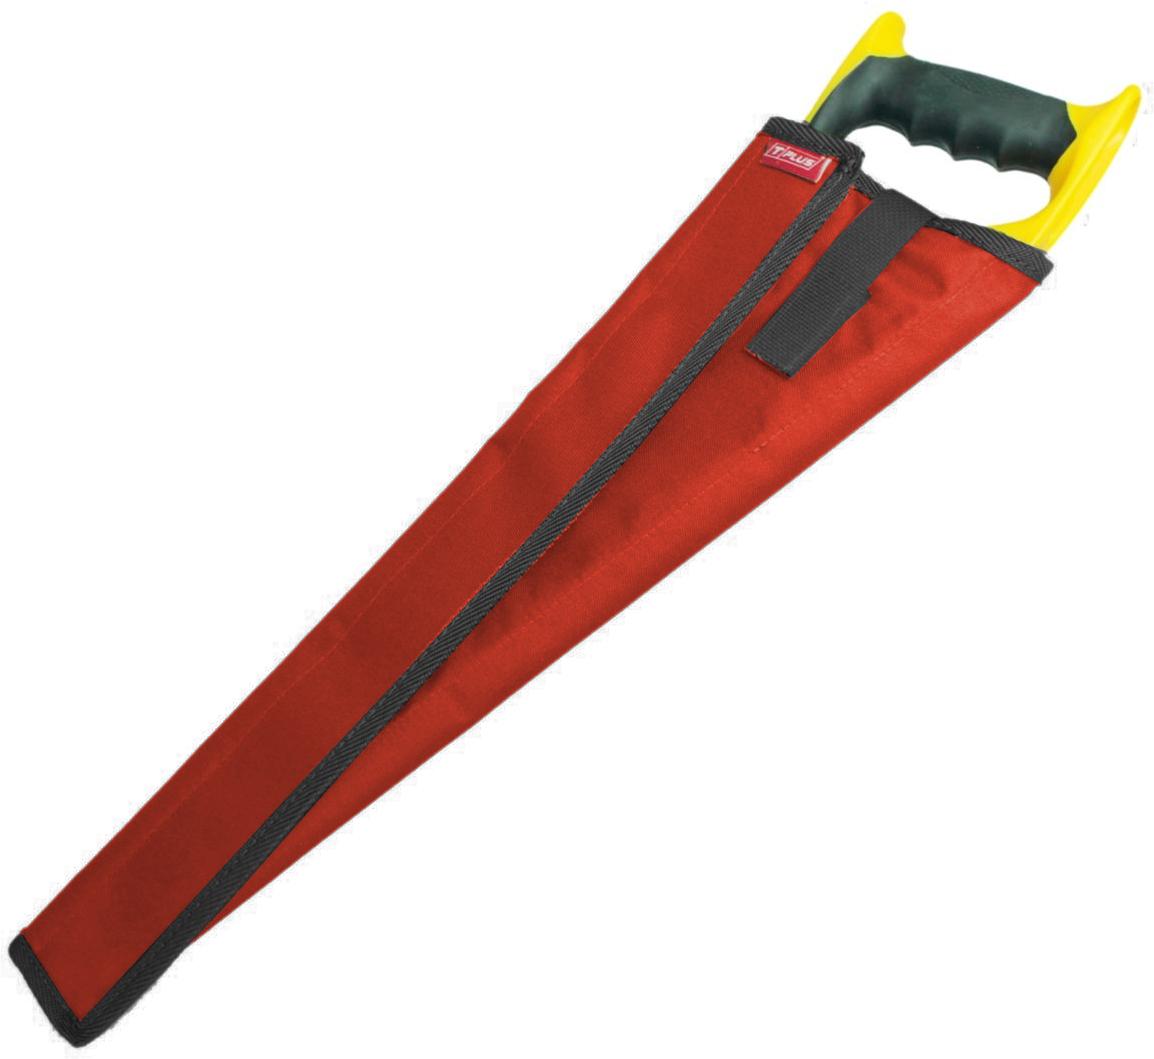 Чехол для ножовки Tplus, оксфорд 600, цвет: красный, 35 см разъем cyc 5 2 8 9006 2pin bmw audi ad 0042